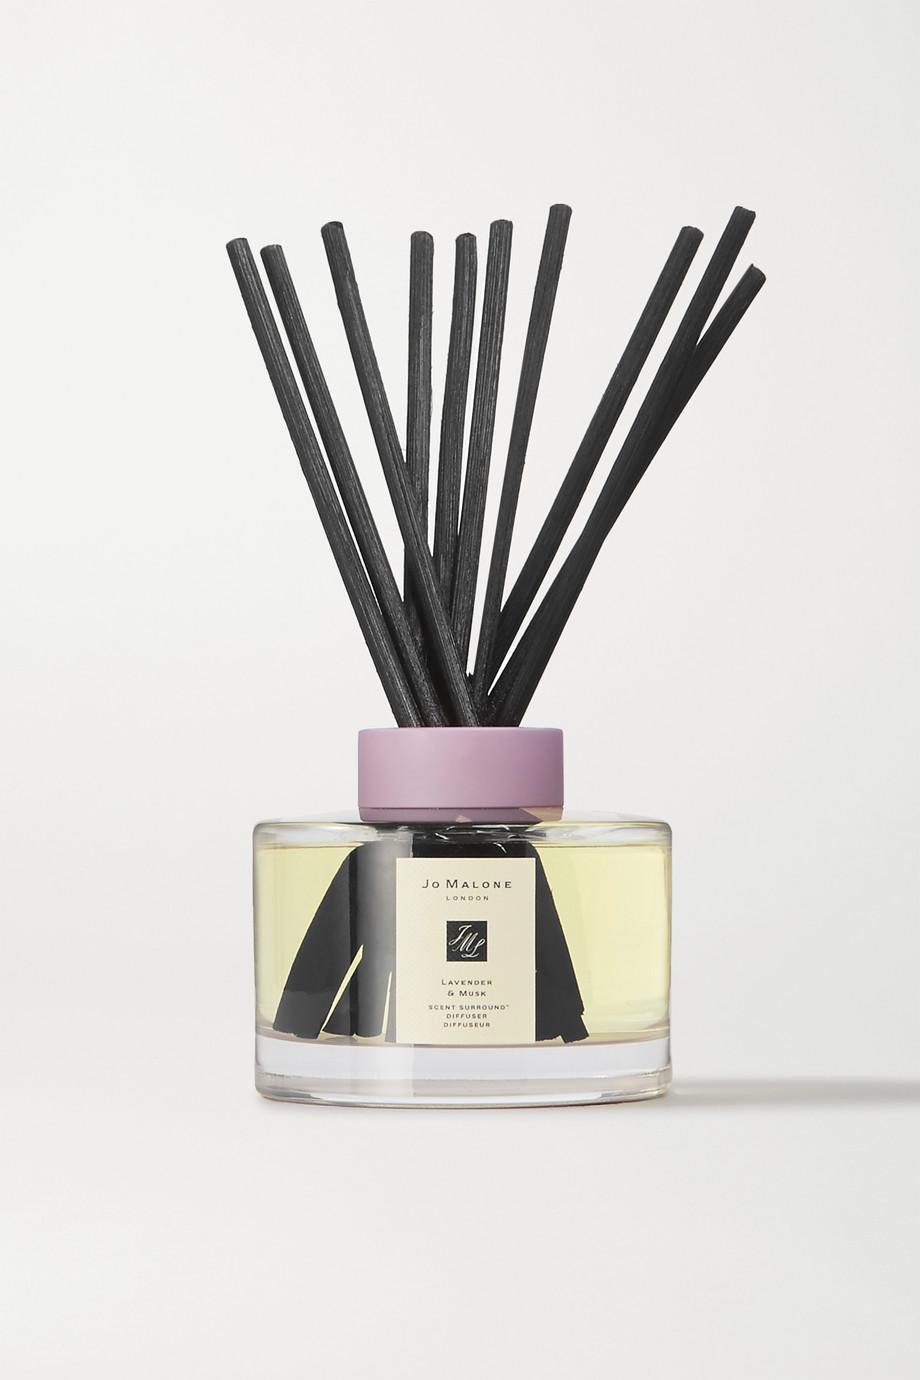 Jo Malone London Scent Surround Diffuser - Lavender & Musk Diffuser, 165ml